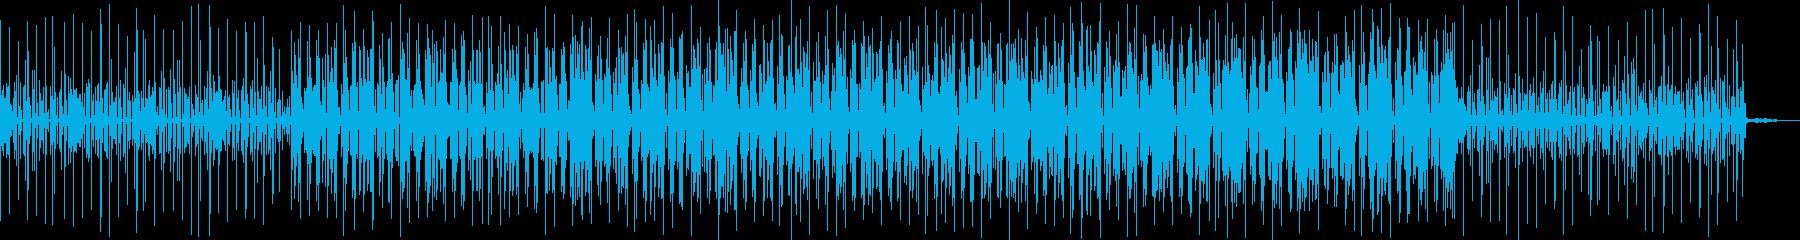 ヒップホップスタイルの楽曲です。ダンサ…の再生済みの波形